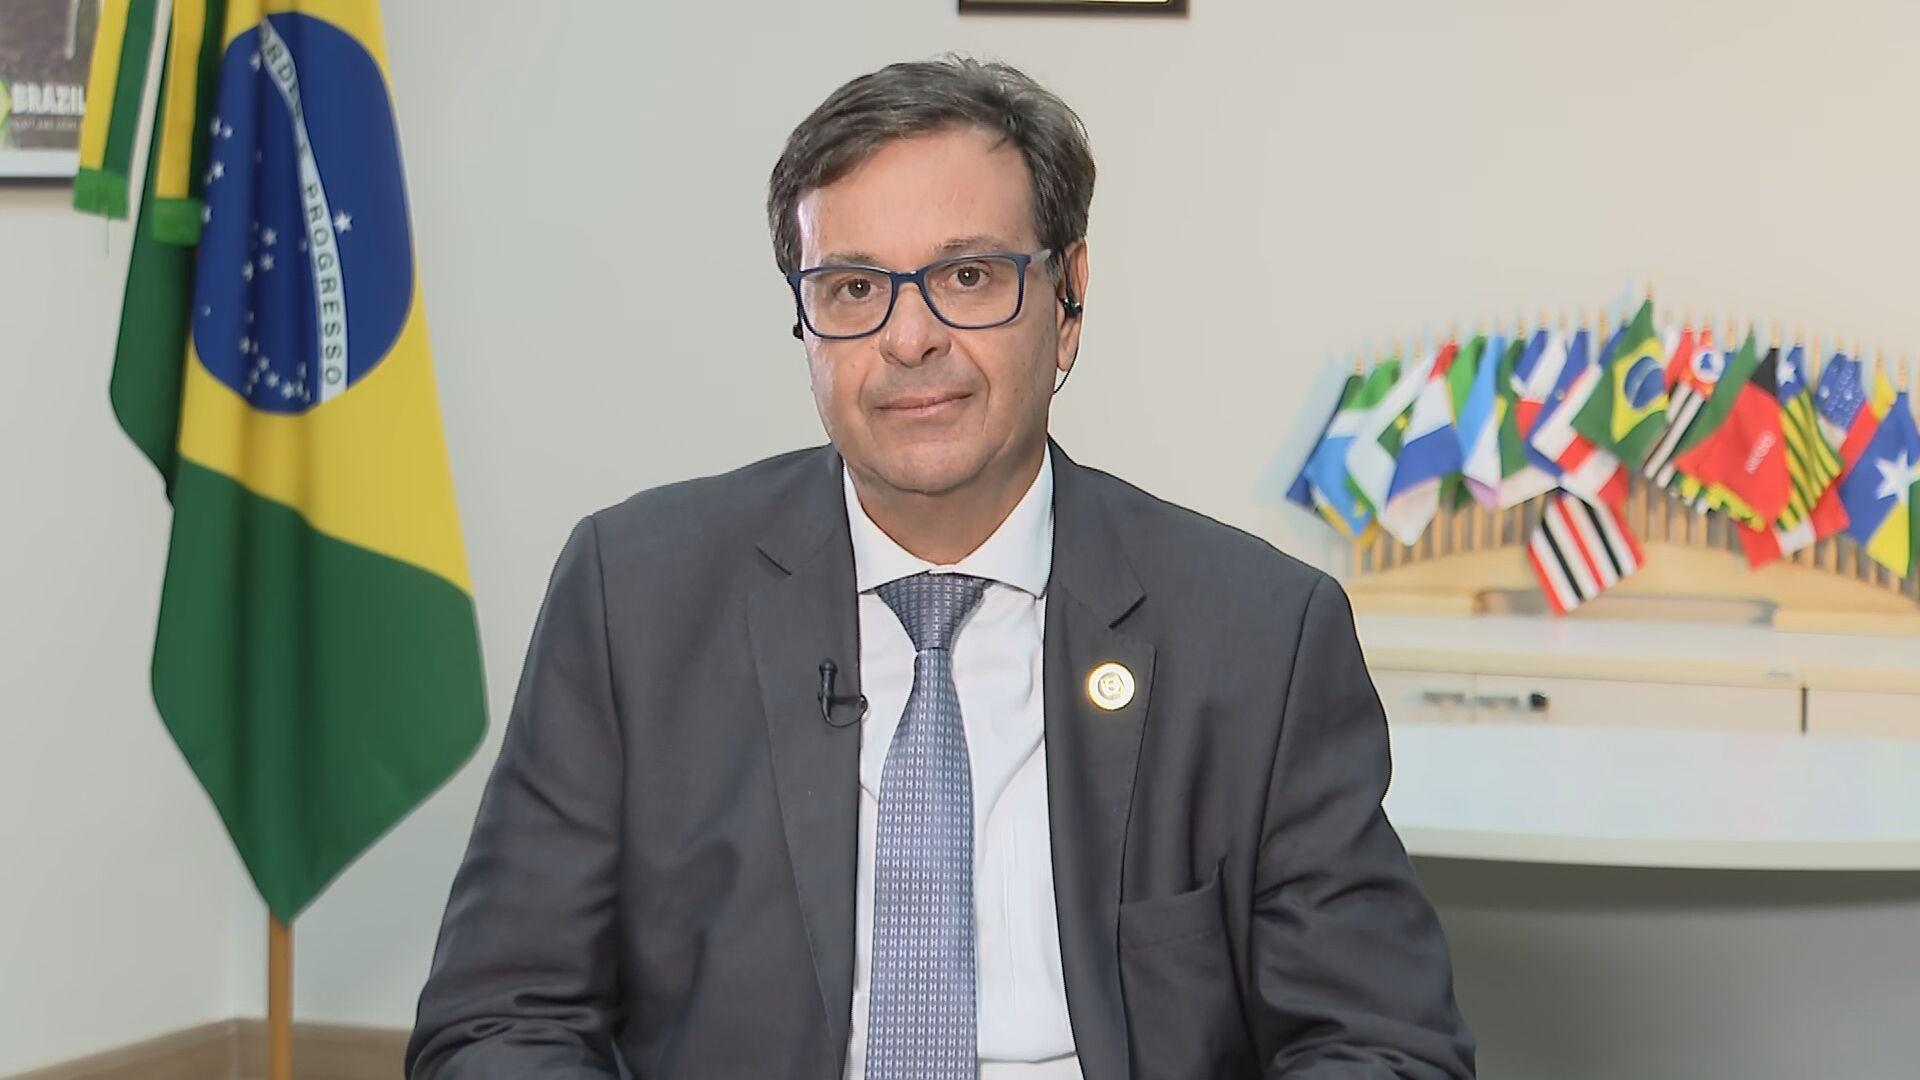 Novo ministro do Turismo, Gilson Machado dá entrevista à CNN